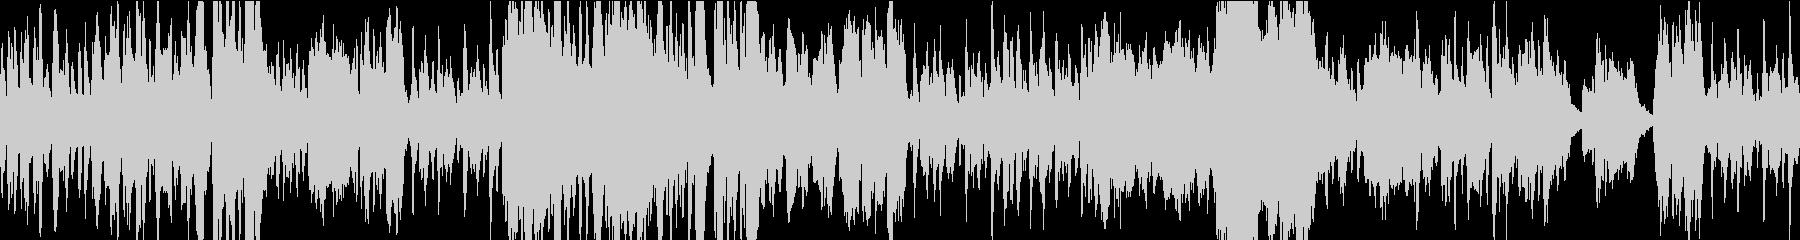 優雅なシーンに合う変奏曲風室内楽曲の未再生の波形